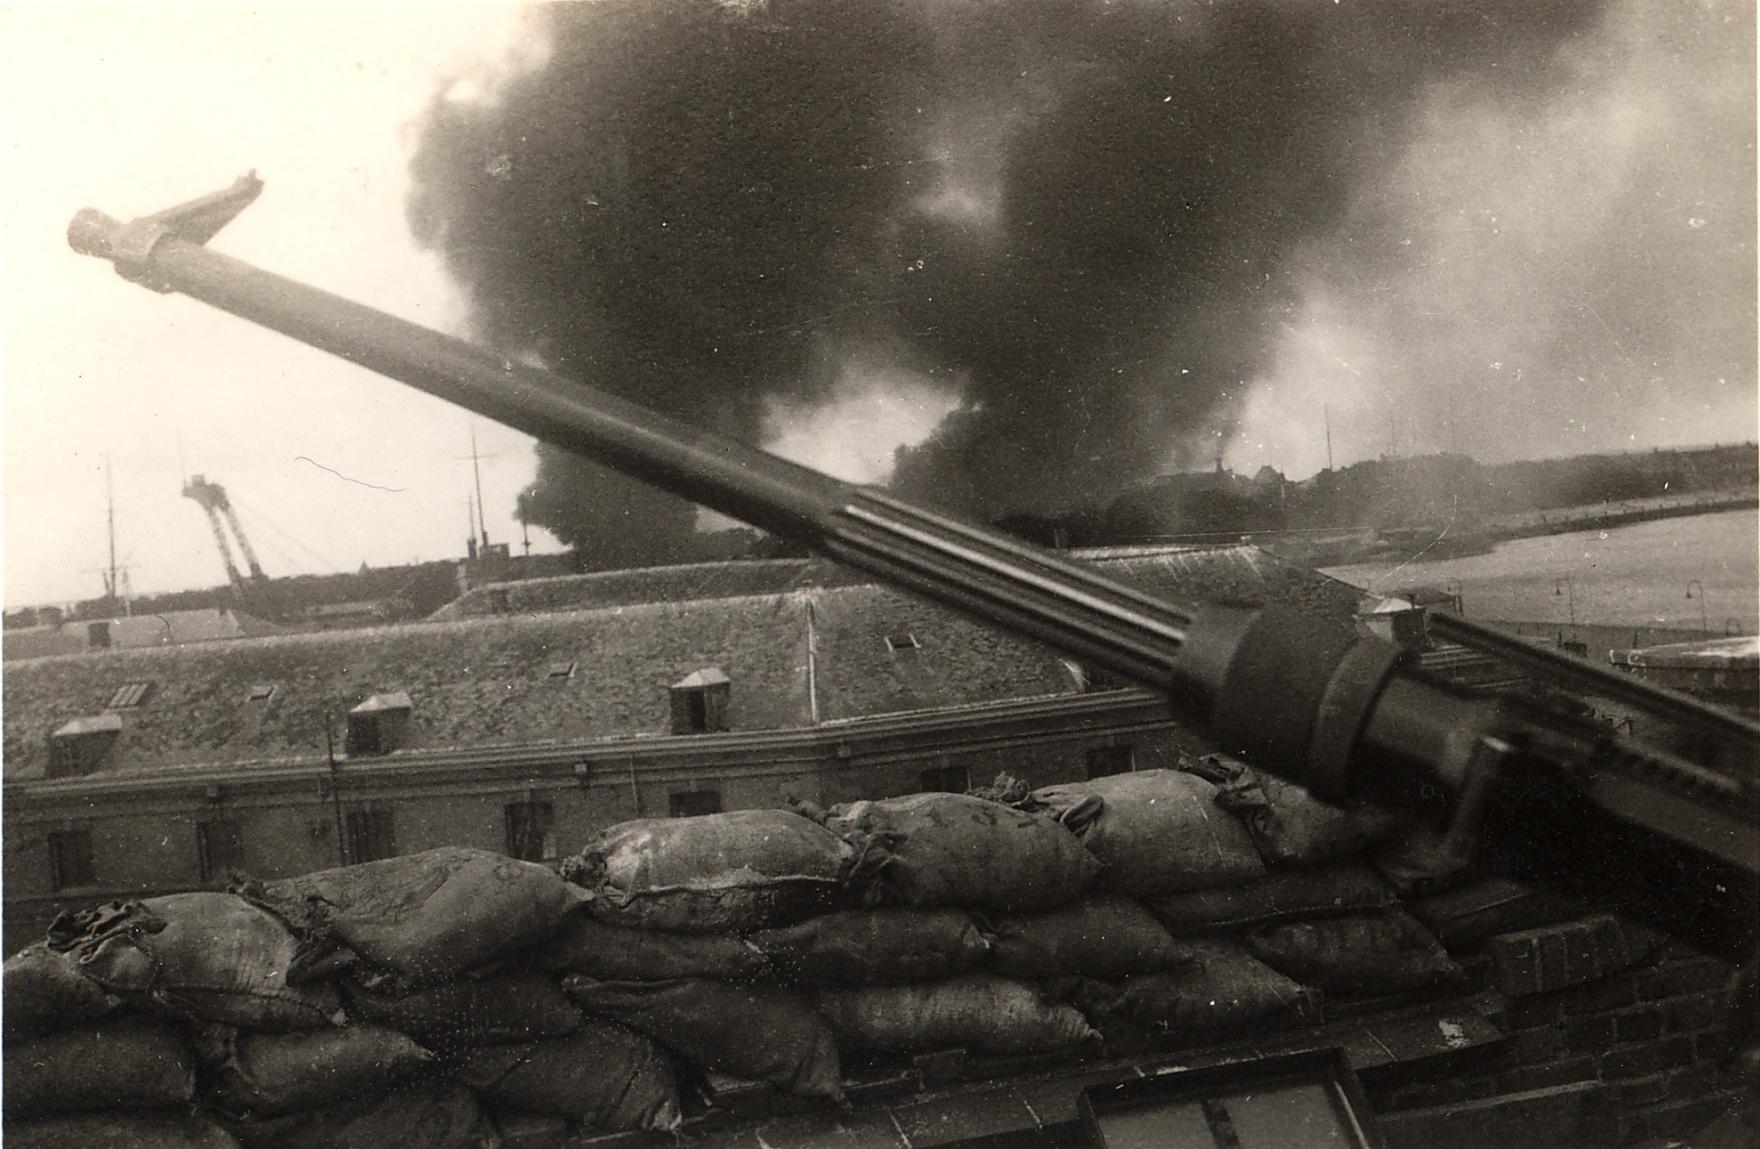 Luchtaanval op de Rijskwerf in 1940. (Foto: aangeleverd)